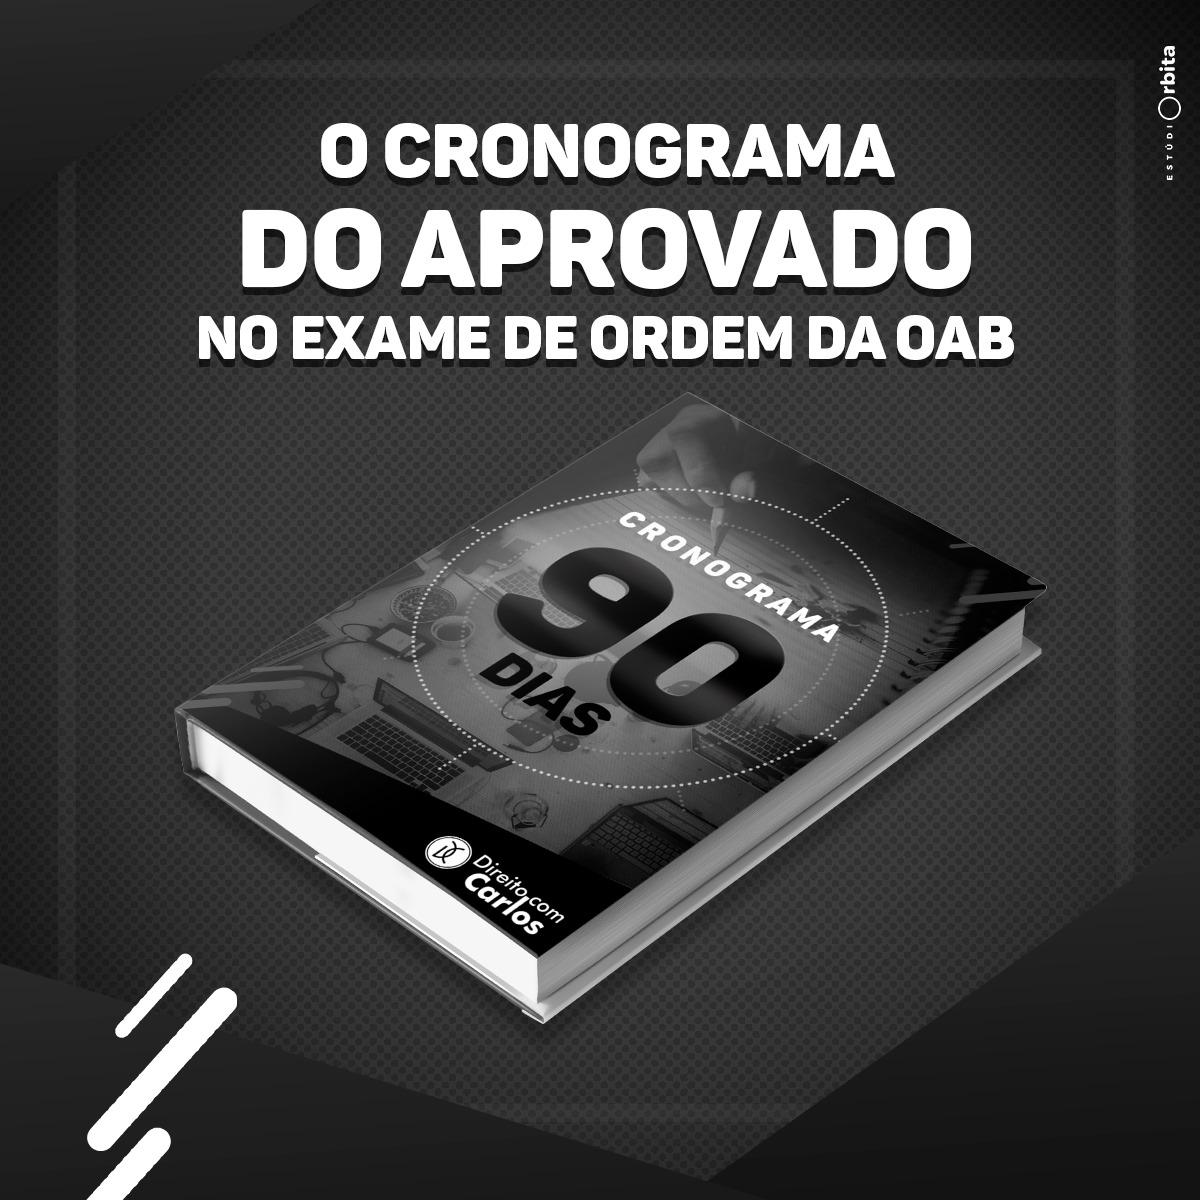 CRONOGRAMA DE ESTUDOS OAB - 90 DIAS